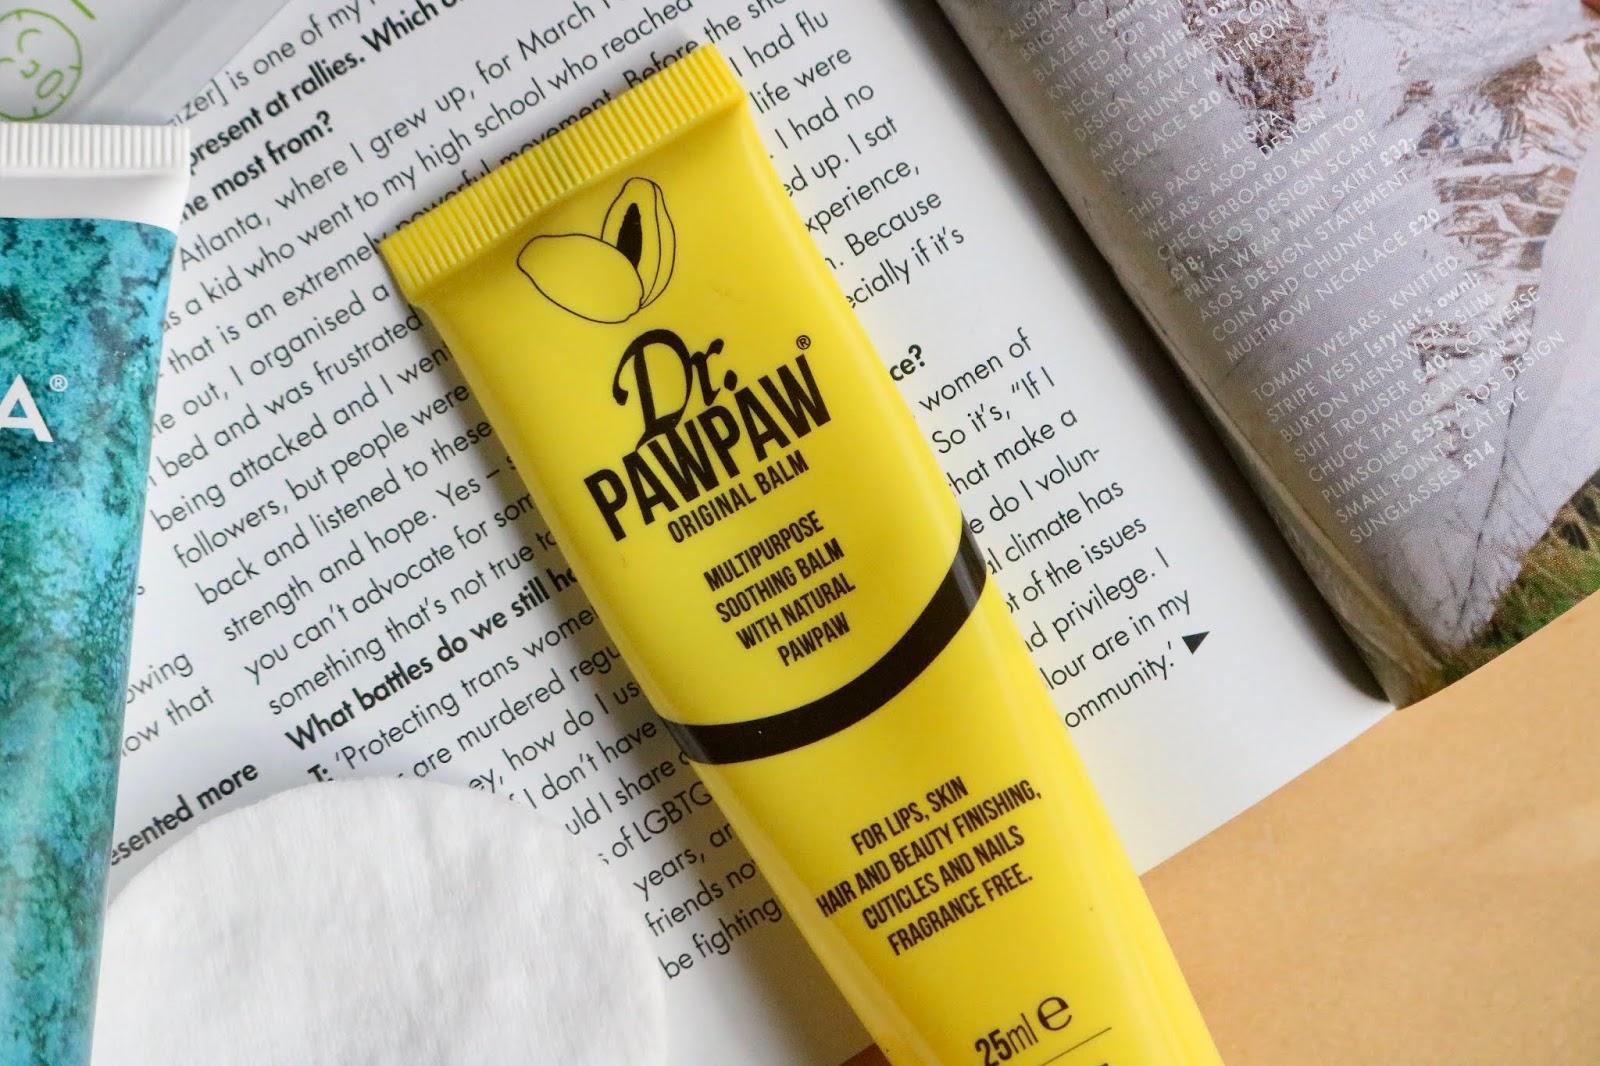 Dr PawPaw original balm